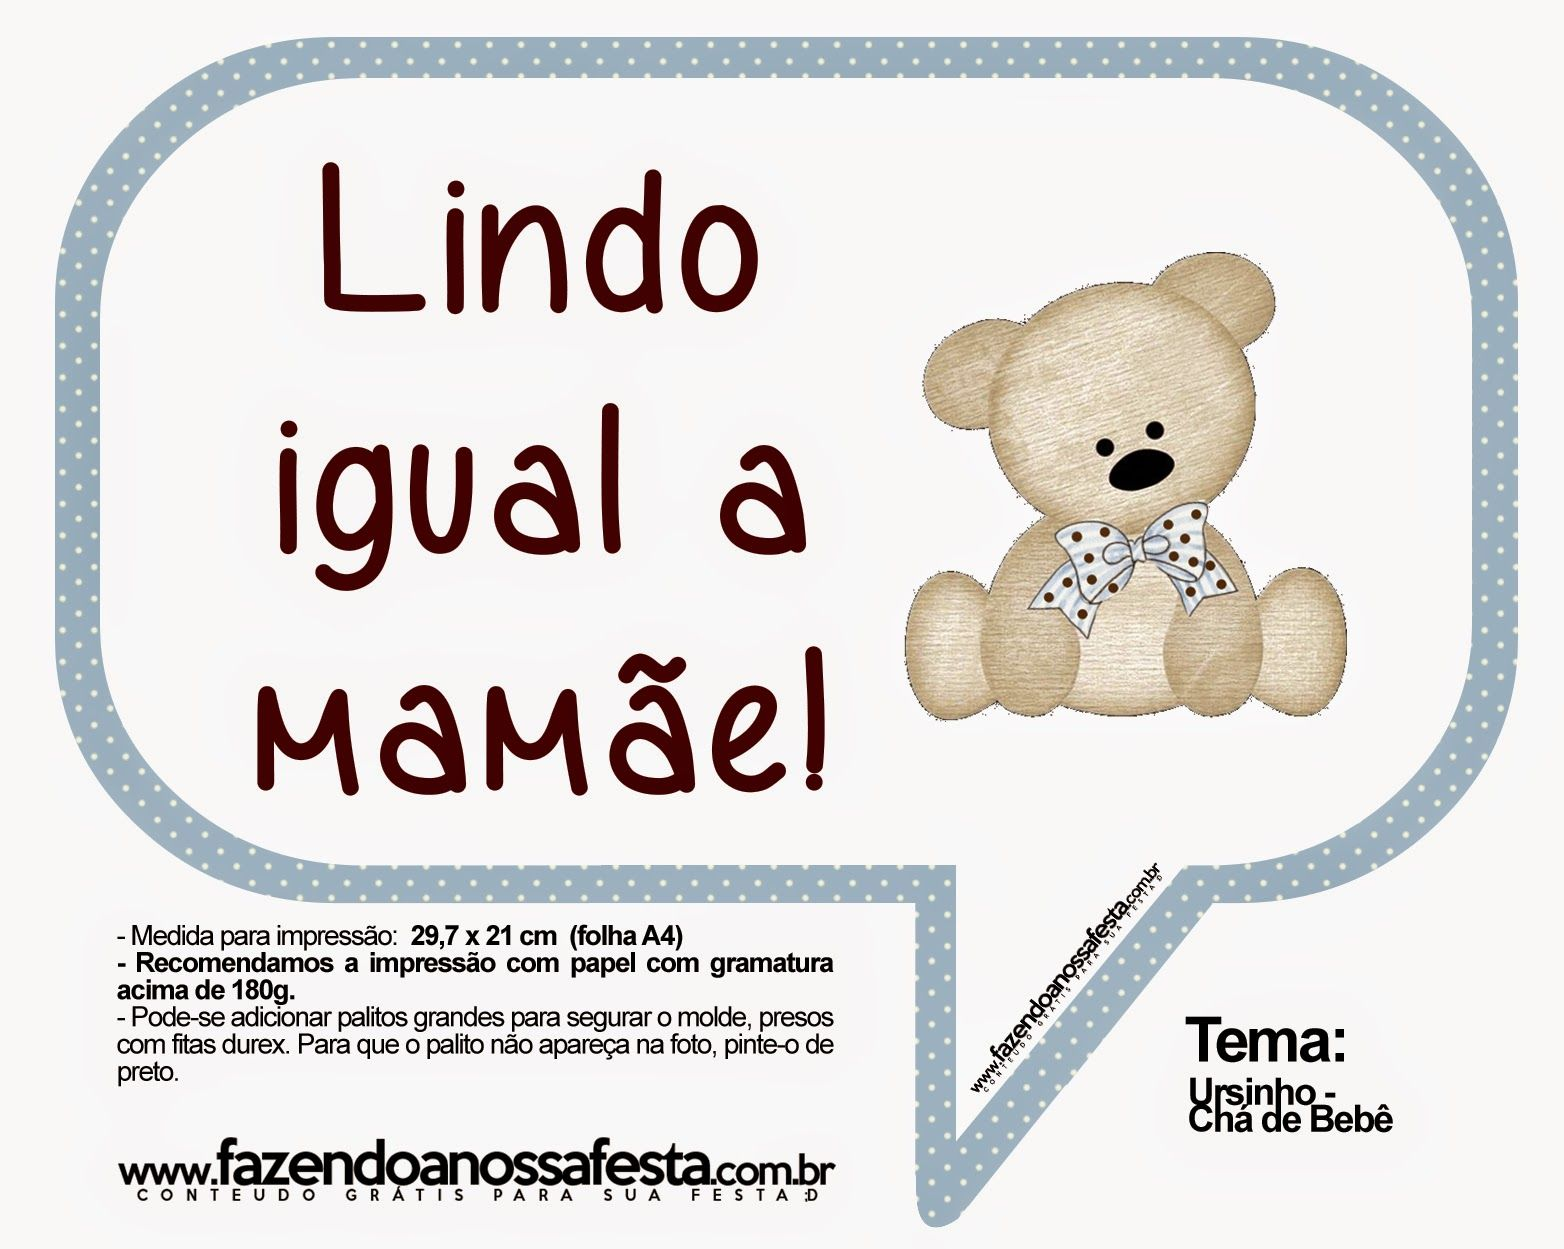 Top Plaquinhas para chá de bebê para imprimir | Lucca and Dolls BM73